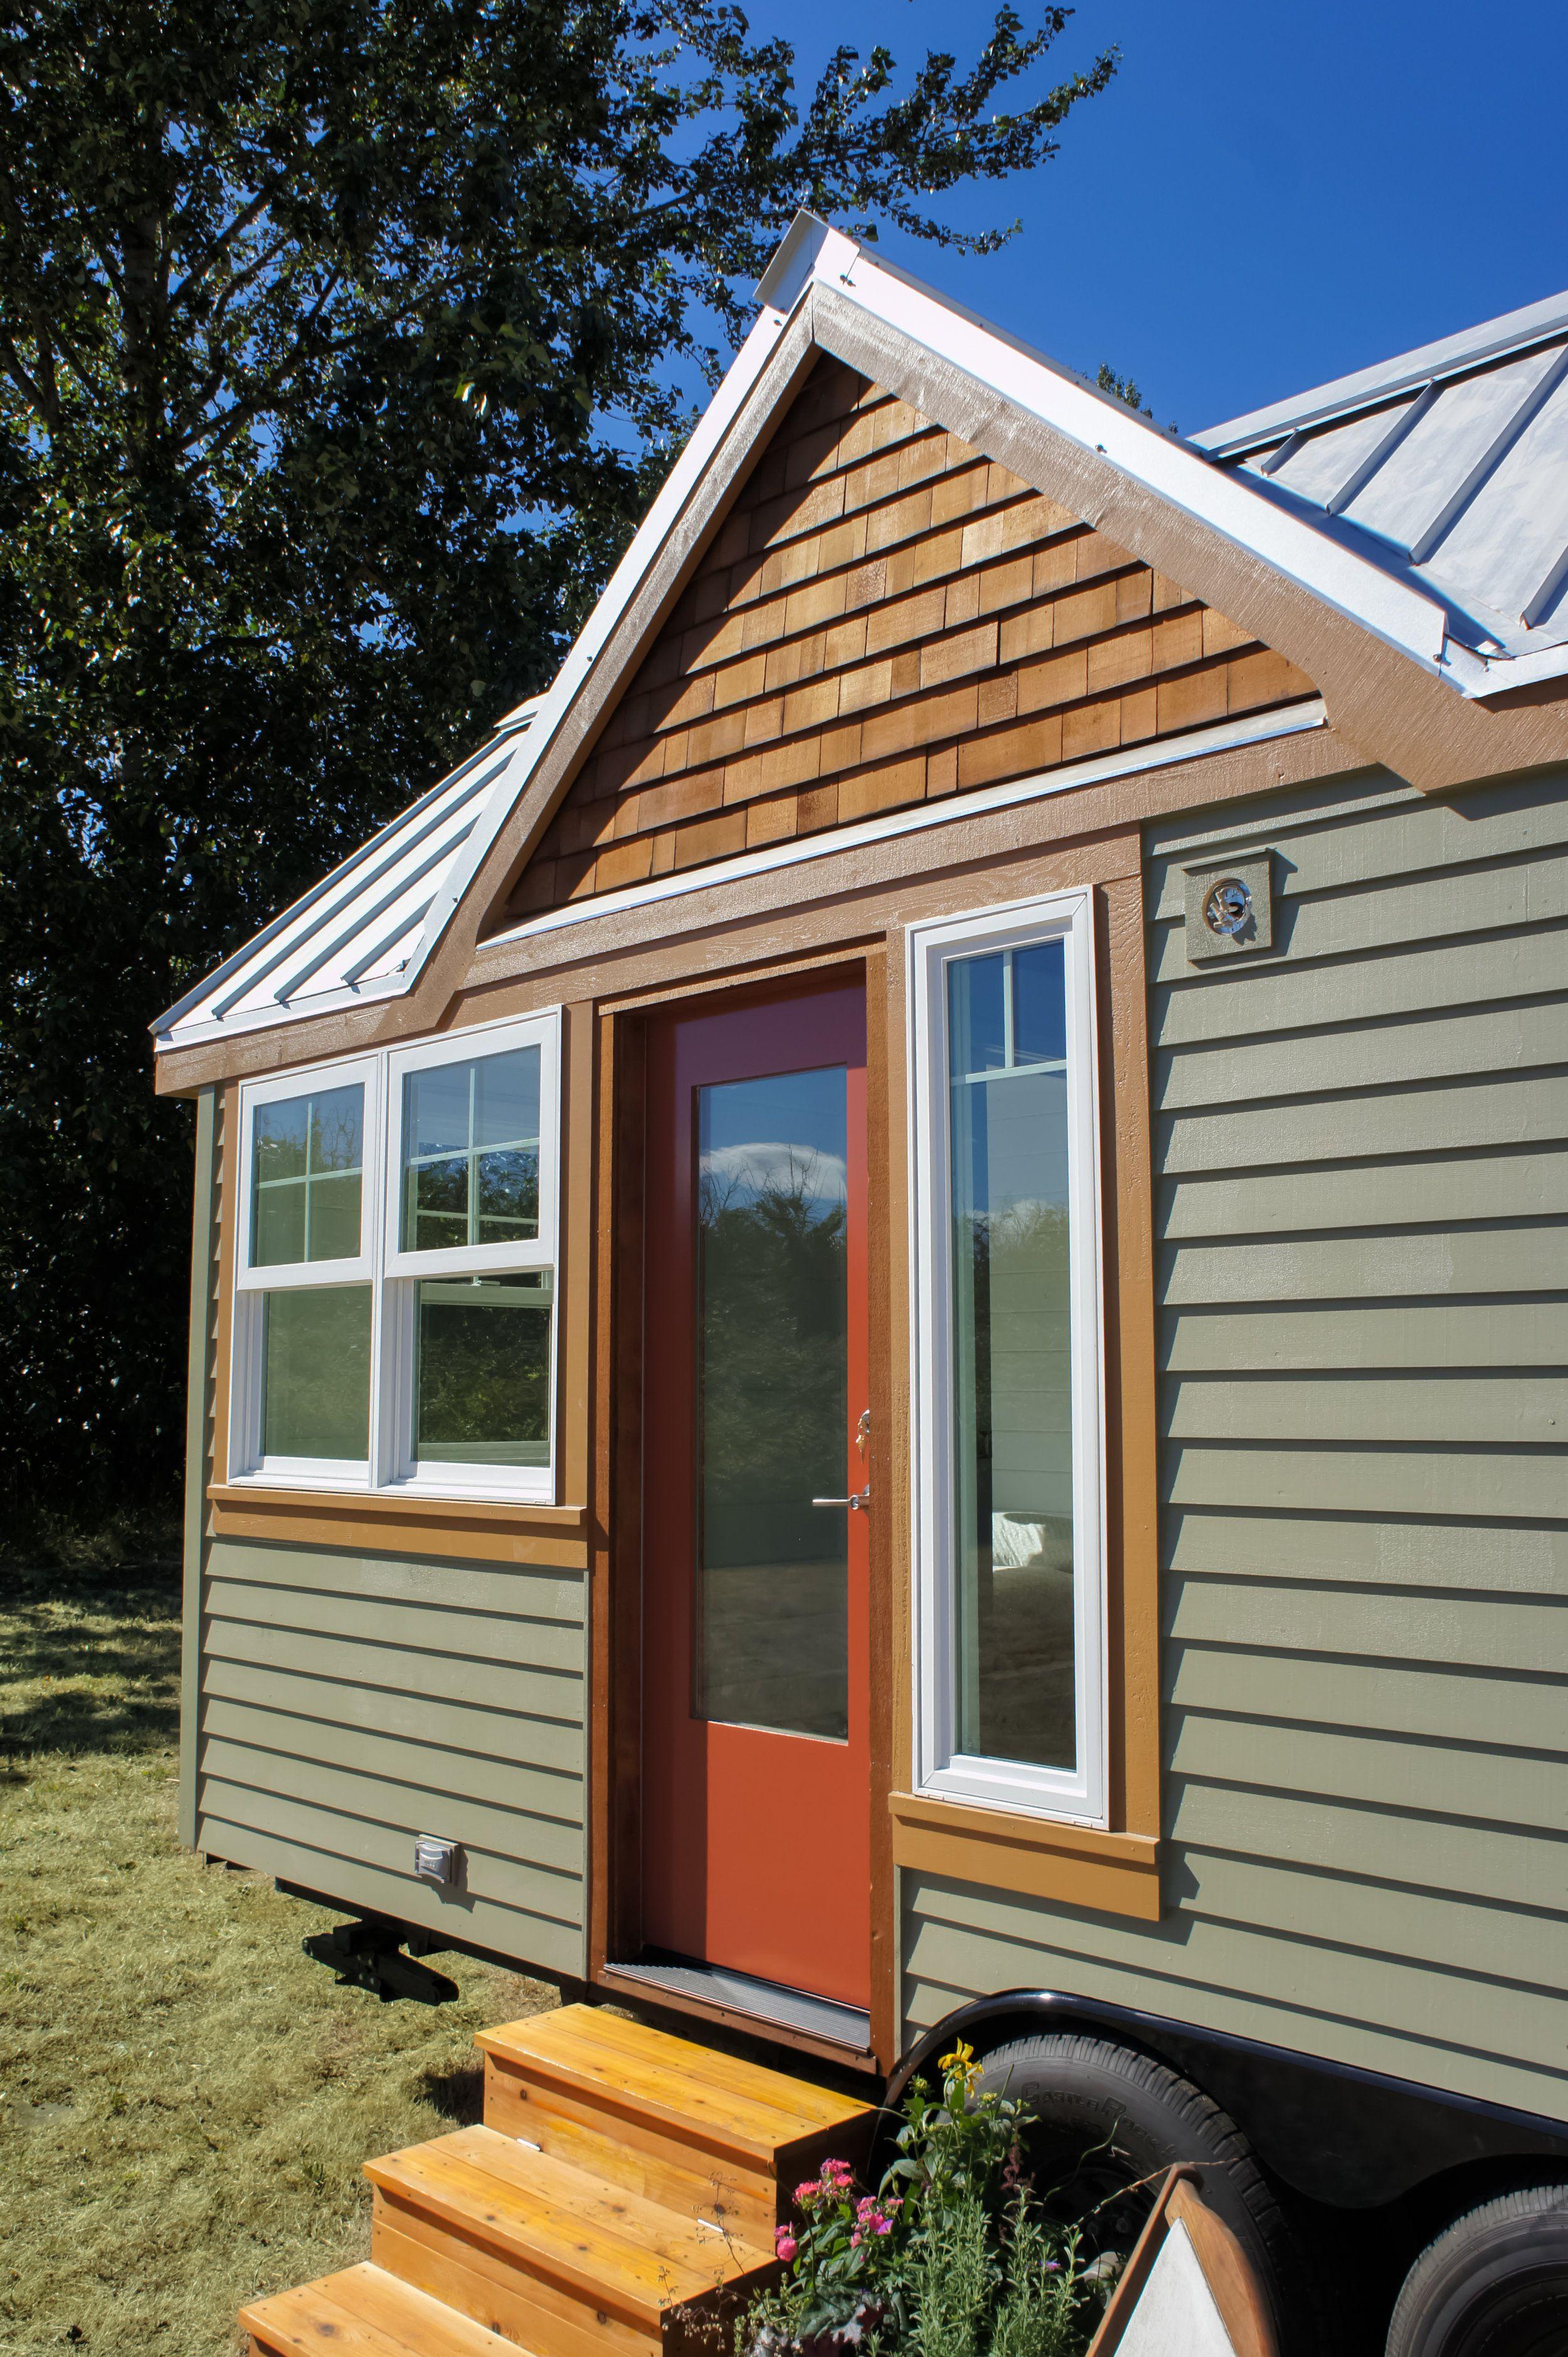 Dsc05945 Jpg Modern Tiny House Tiny House Towns Tiny Cottage